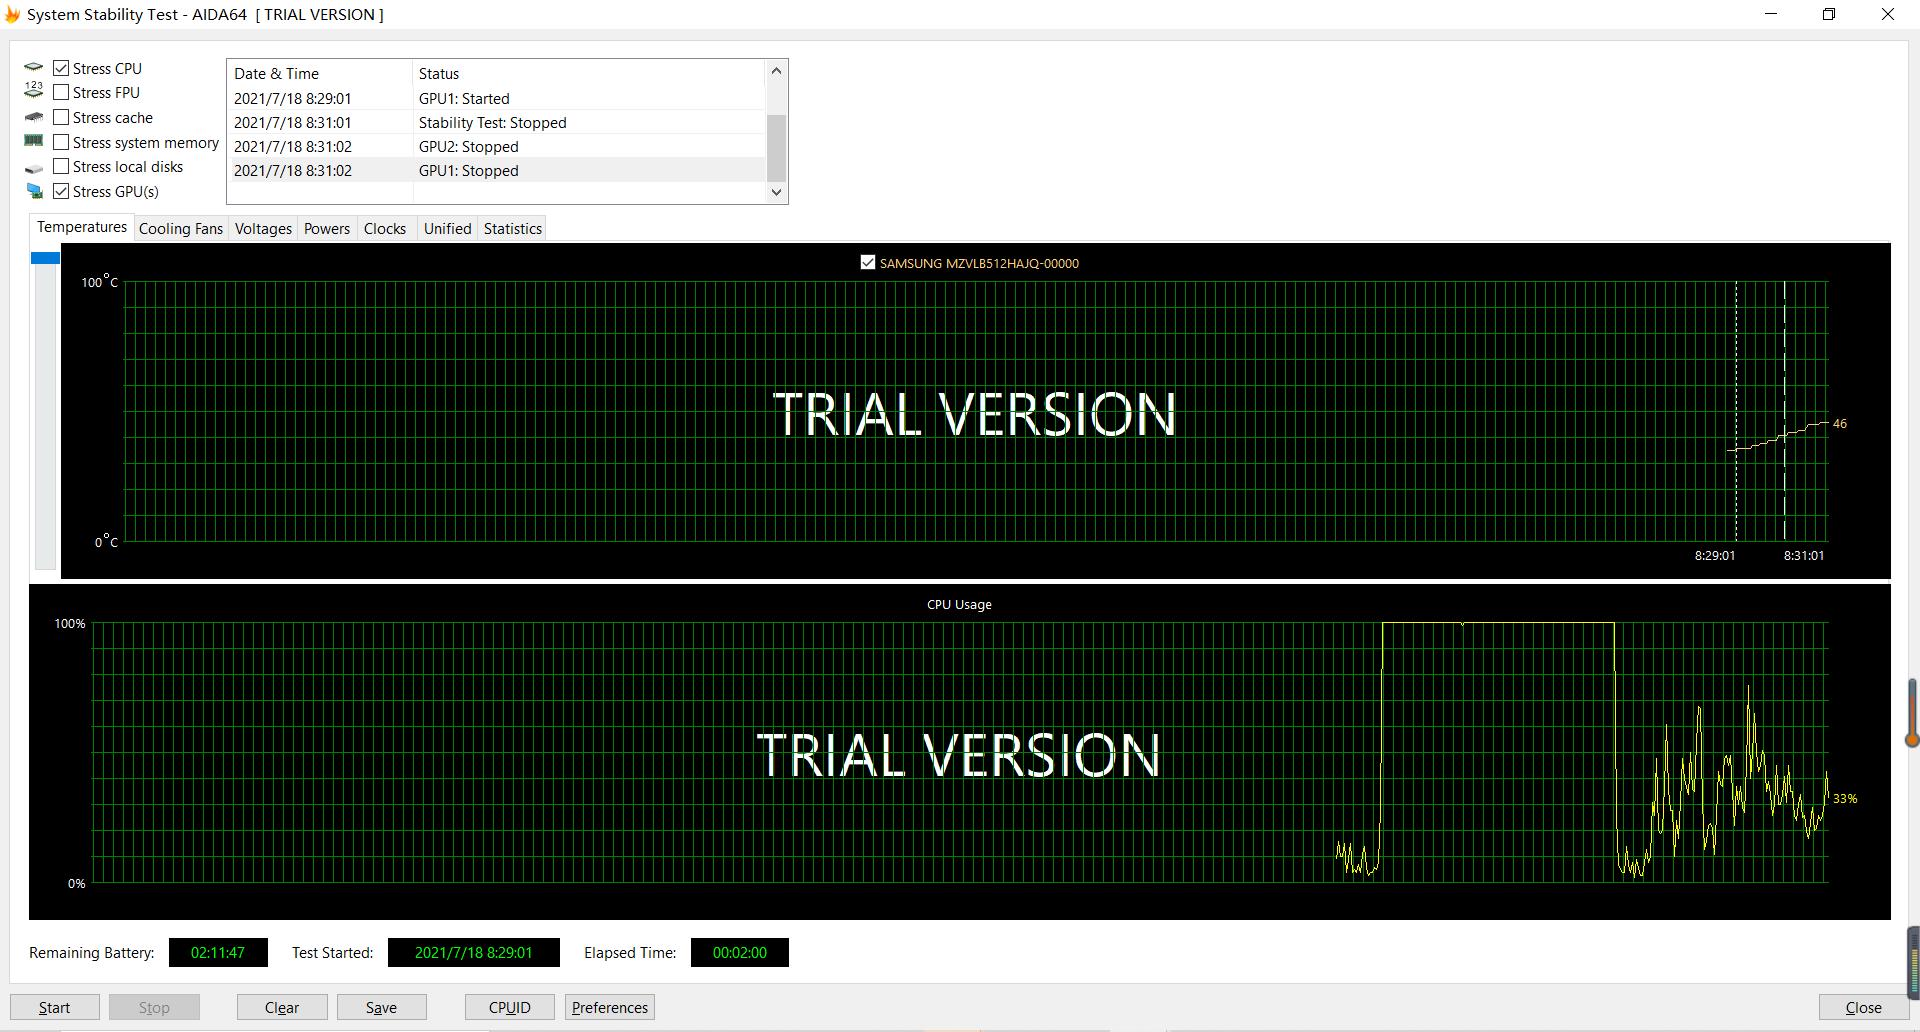 利用AIDA64进行系统稳定性测试